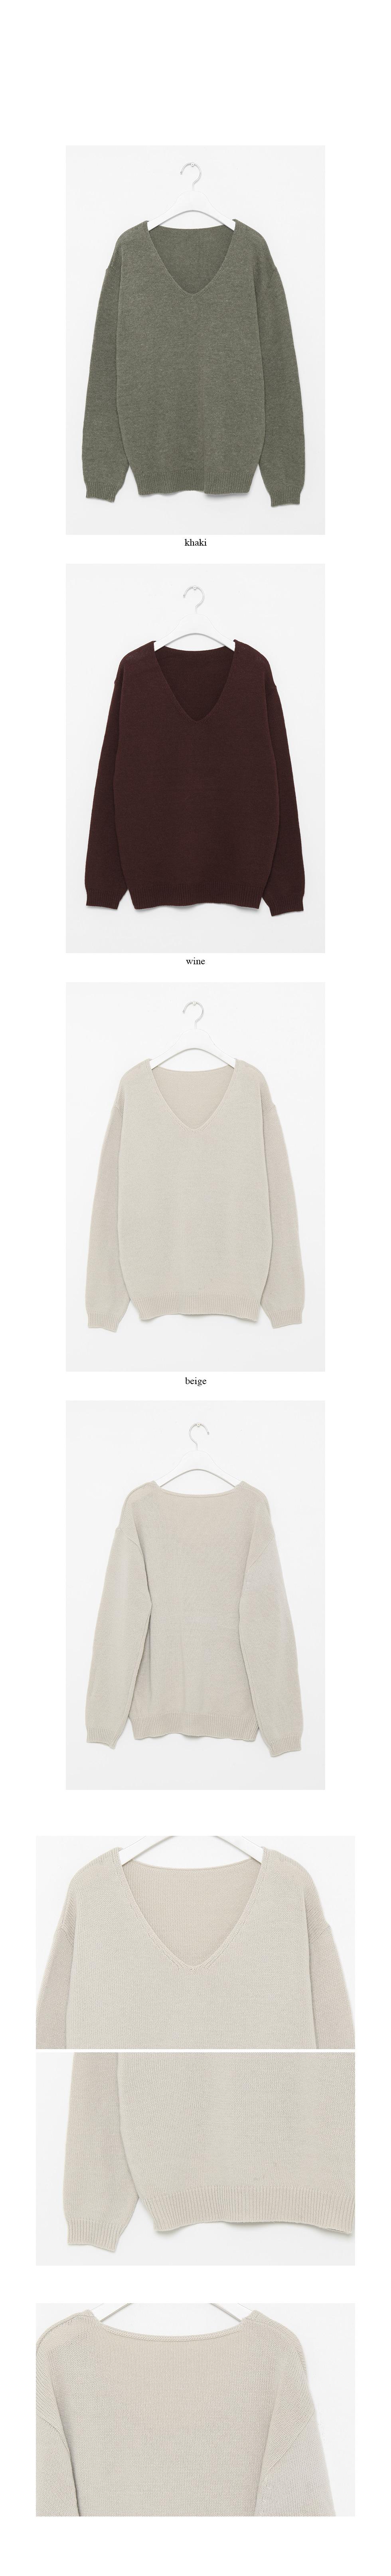 simple v neck knit